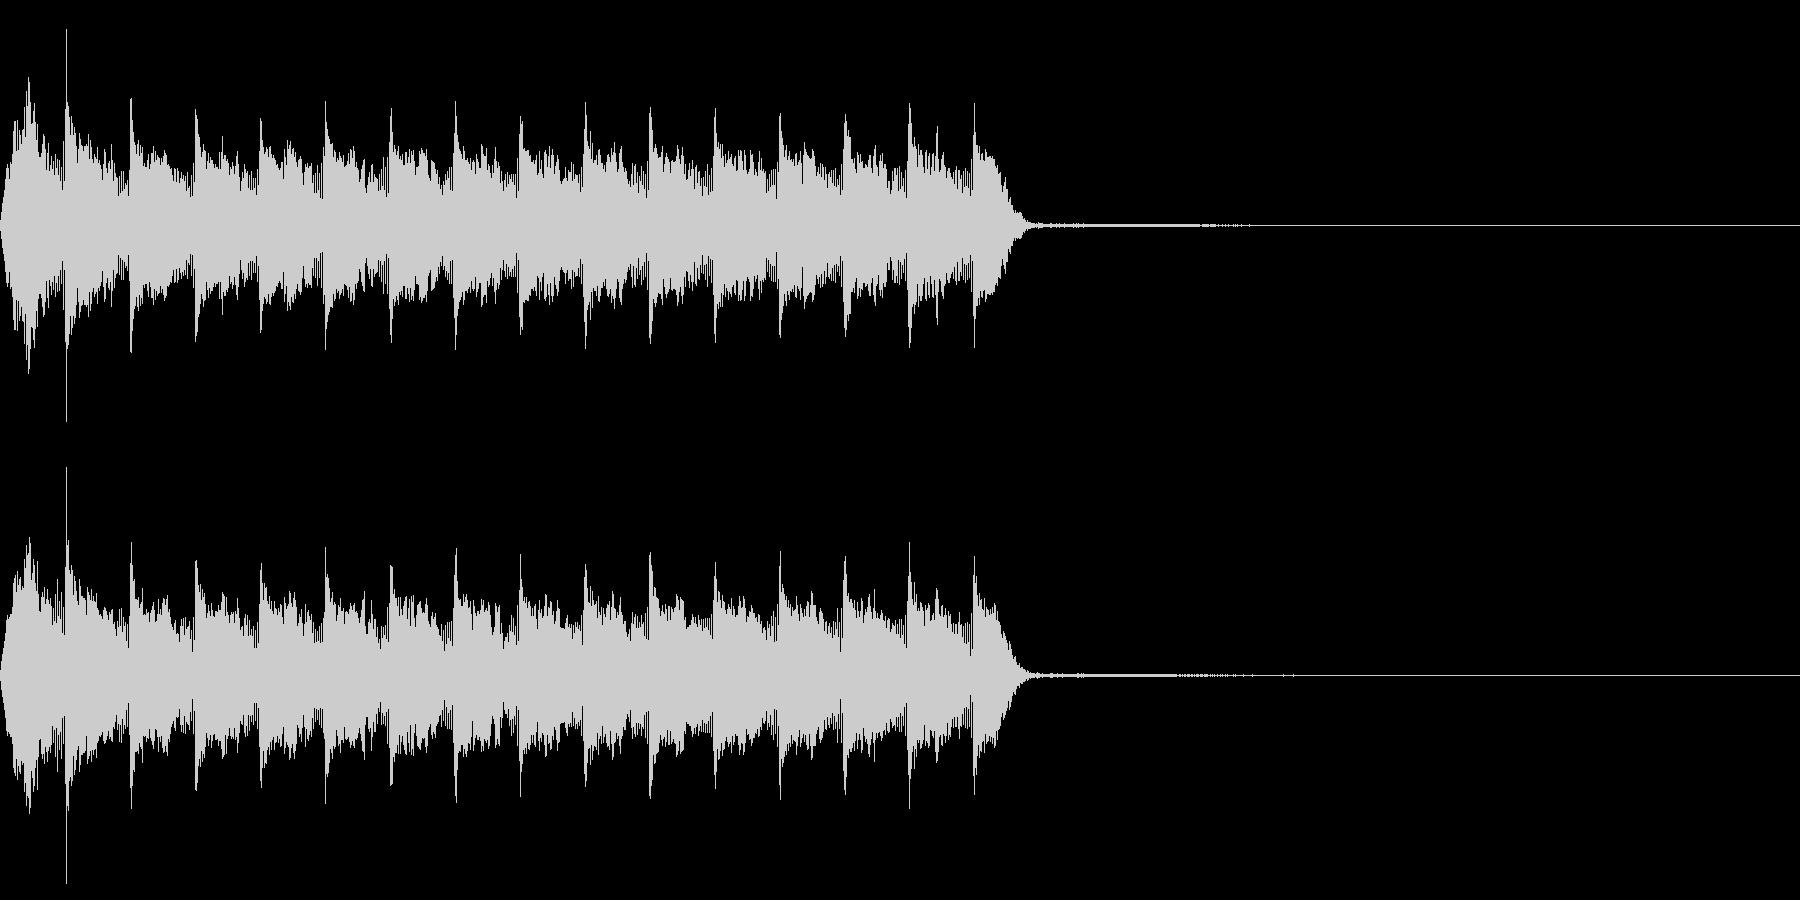 Razor レイザー小銃の連射音 2の未再生の波形